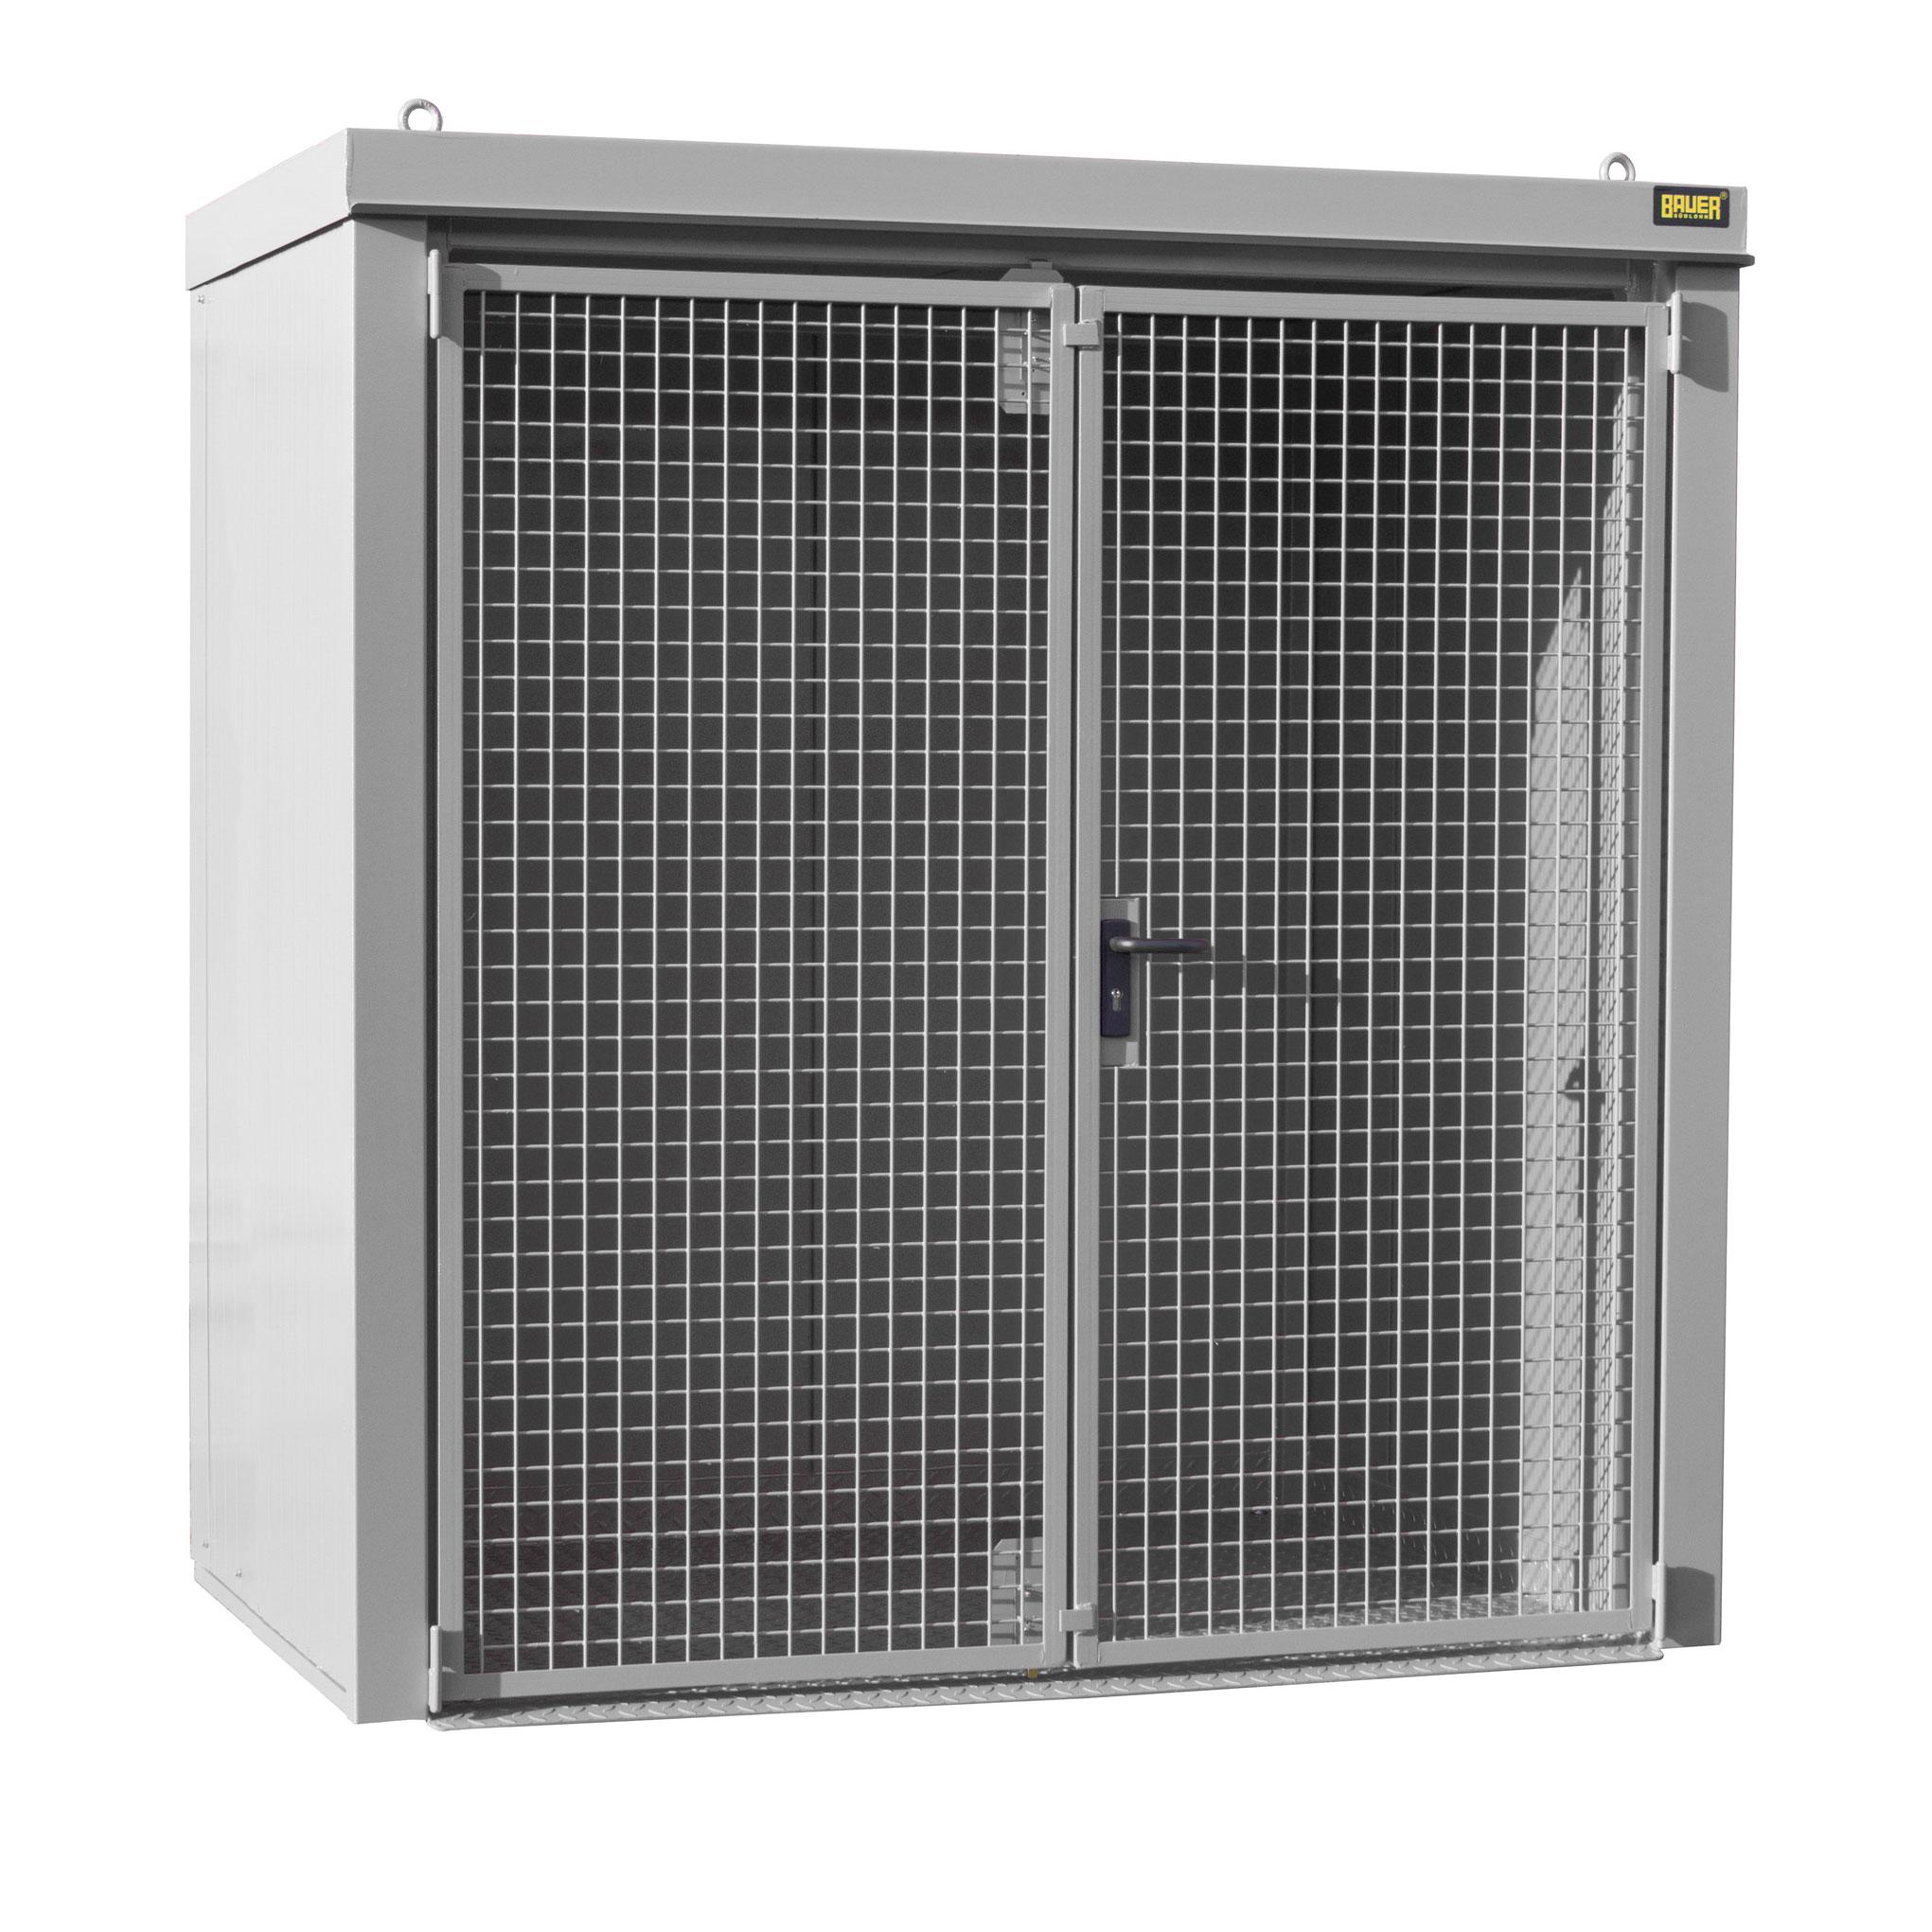 Bauer Gasflaschen-Container GFC-B M1, Mausgrau für 28x Gasflaschen Ø 230 mm 4477-31-0000-5